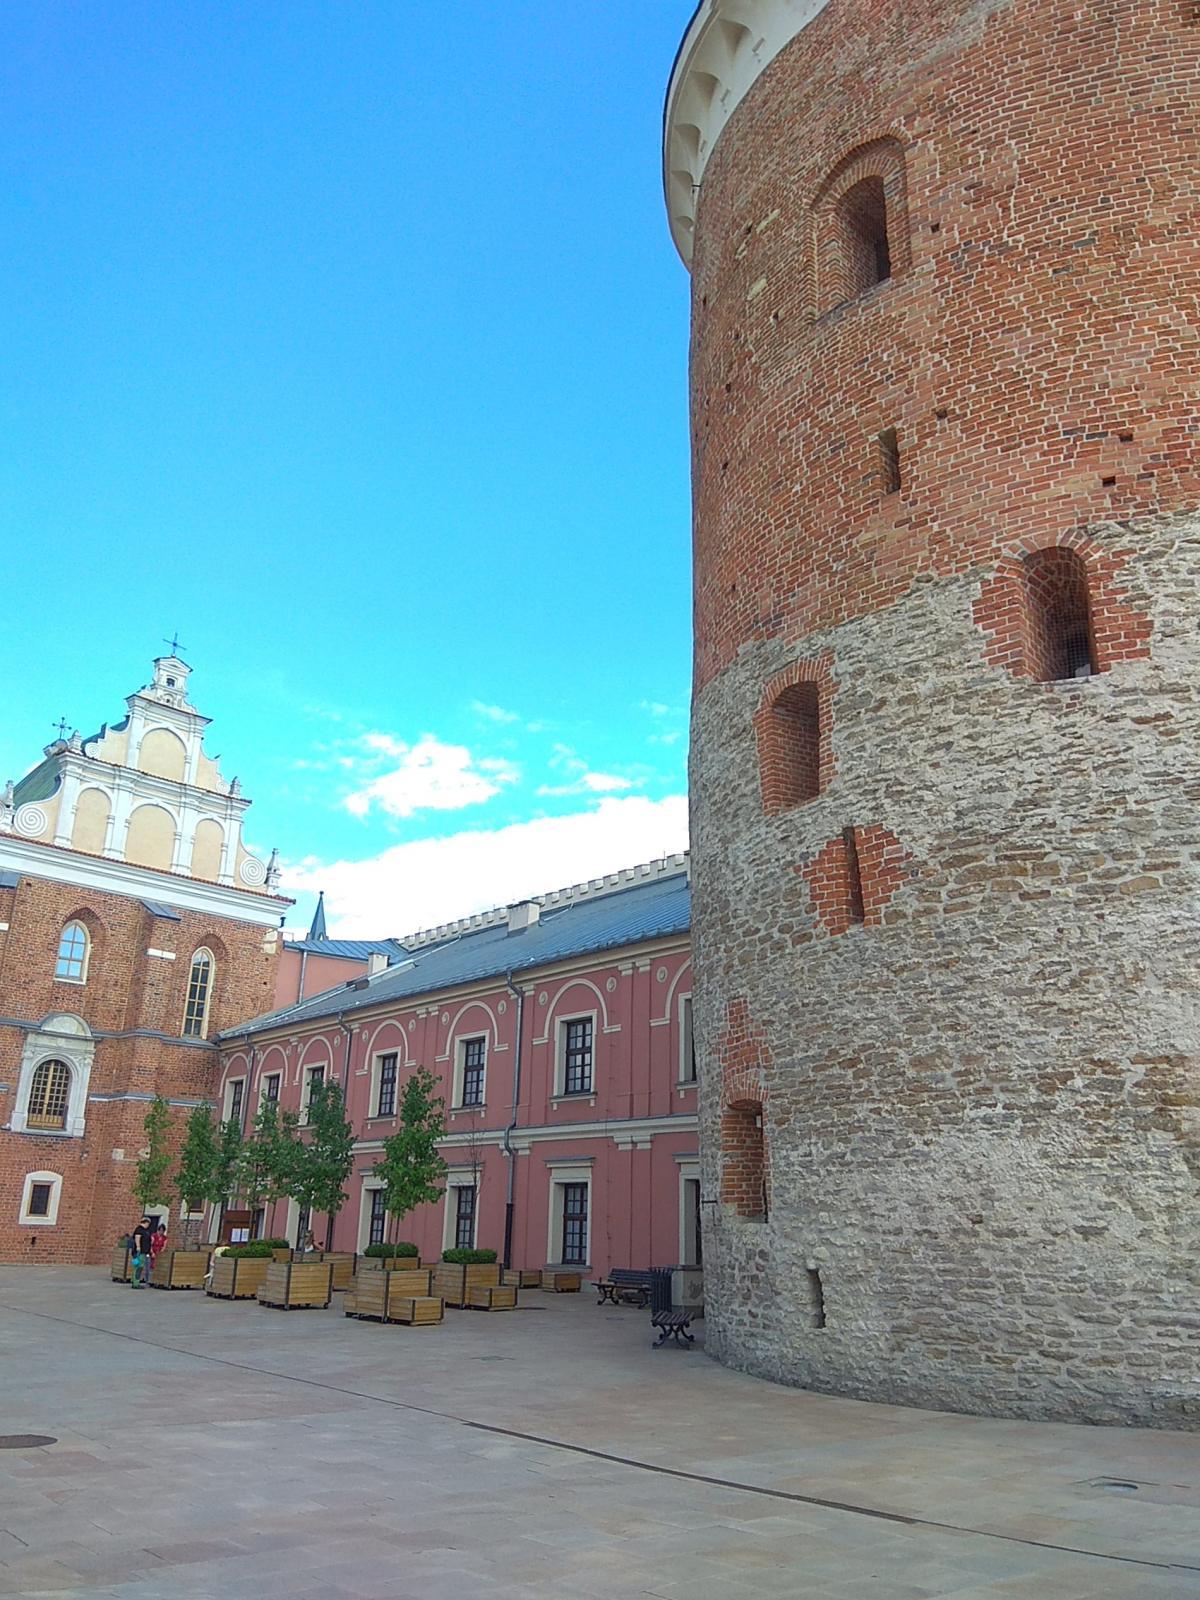 Часовня Святой Троицы и башня-донжон/ фото Варвара Вайс